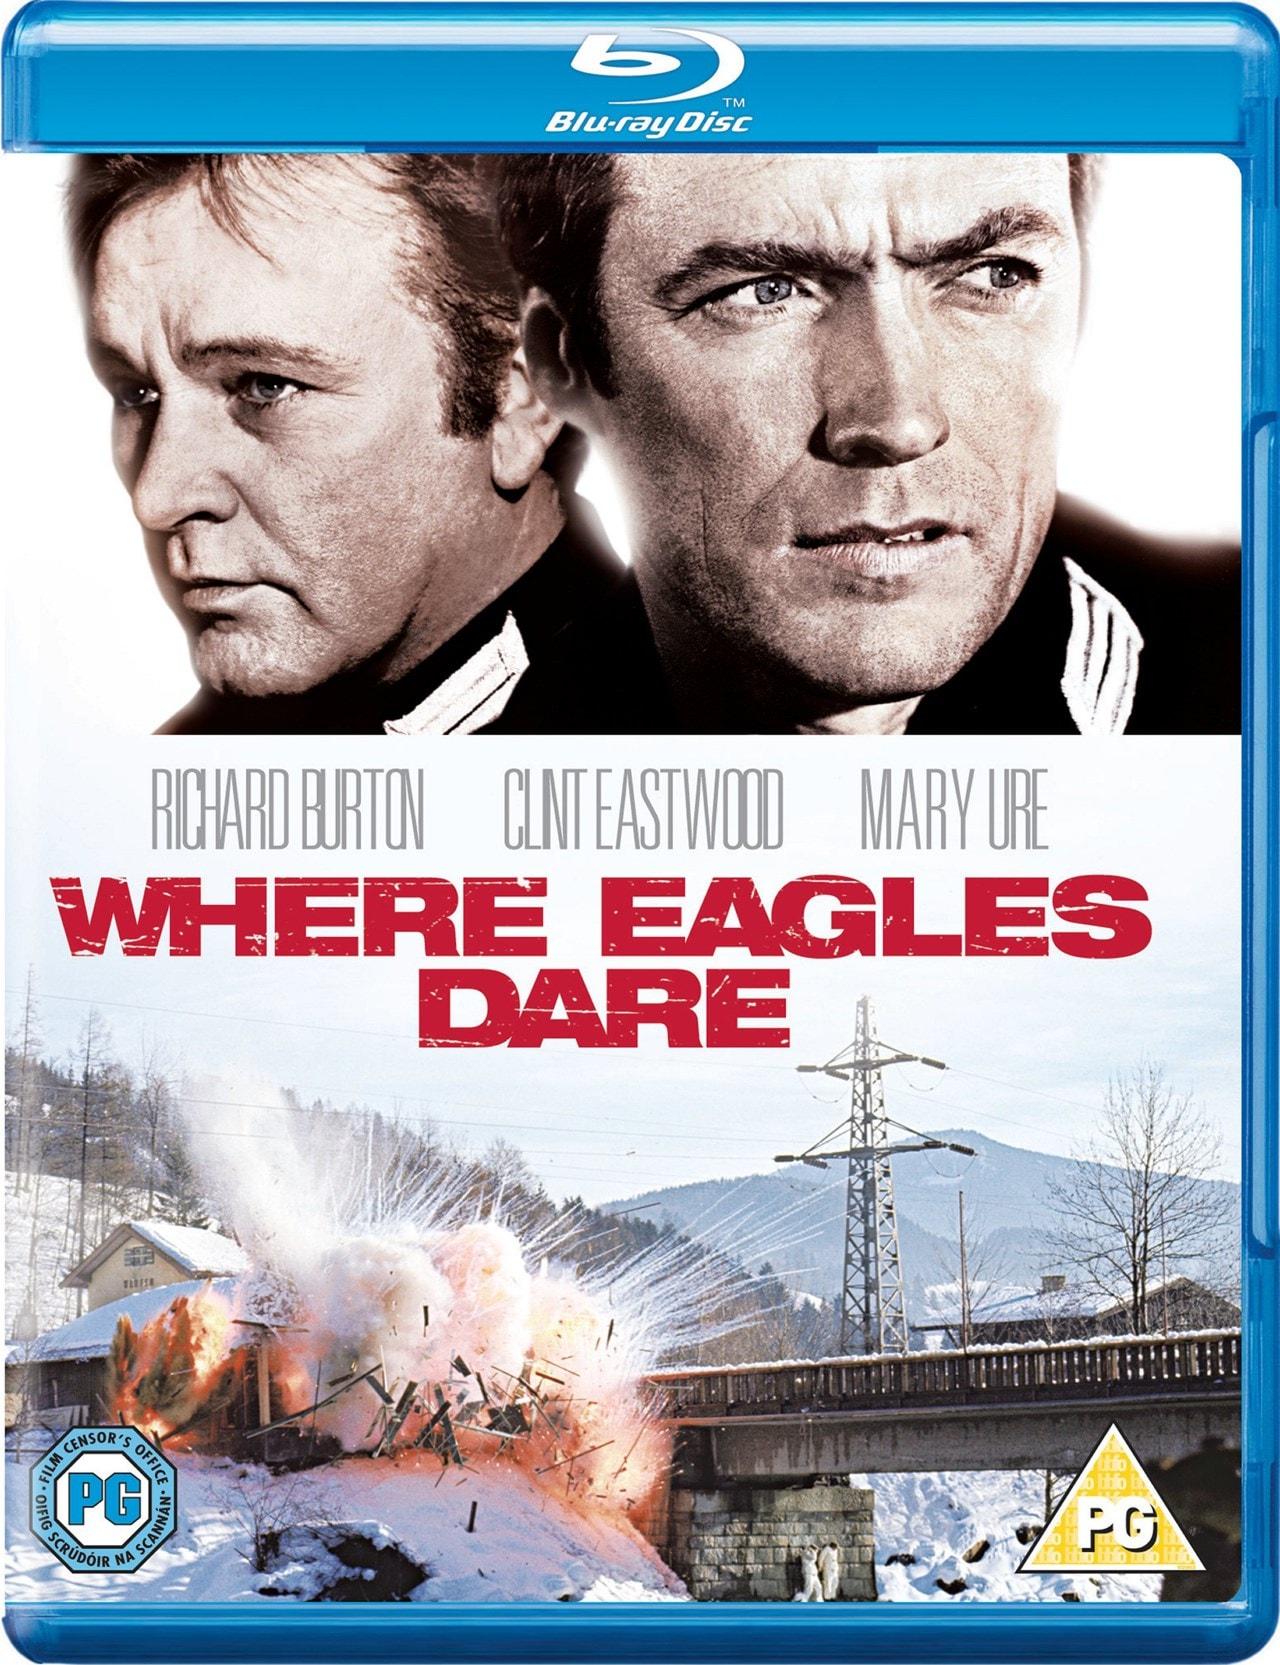 Where Eagles Dare - 1